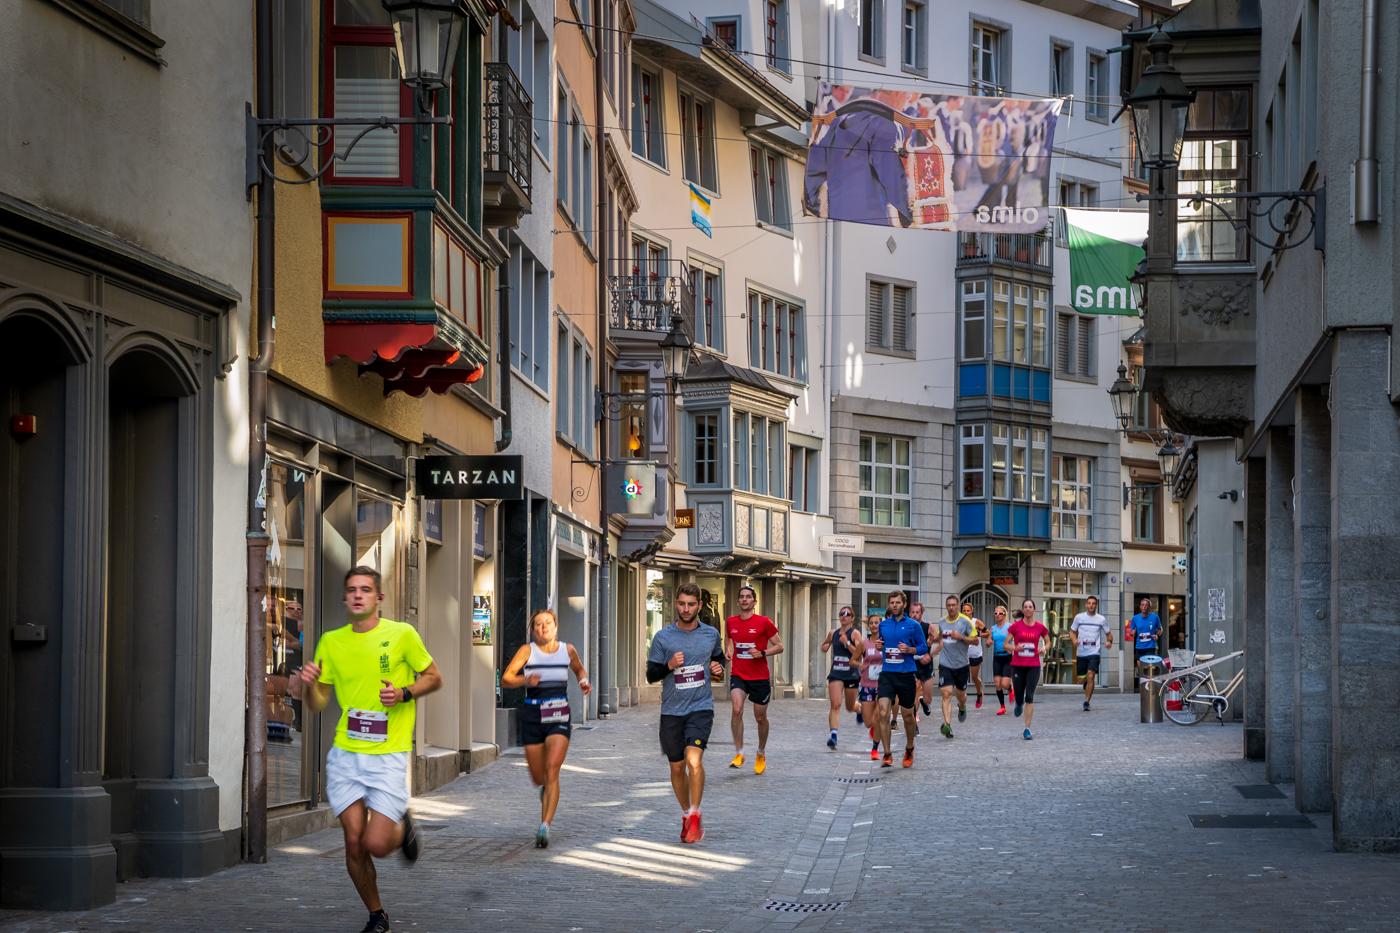 Stadtlauf St. Gallen 2019